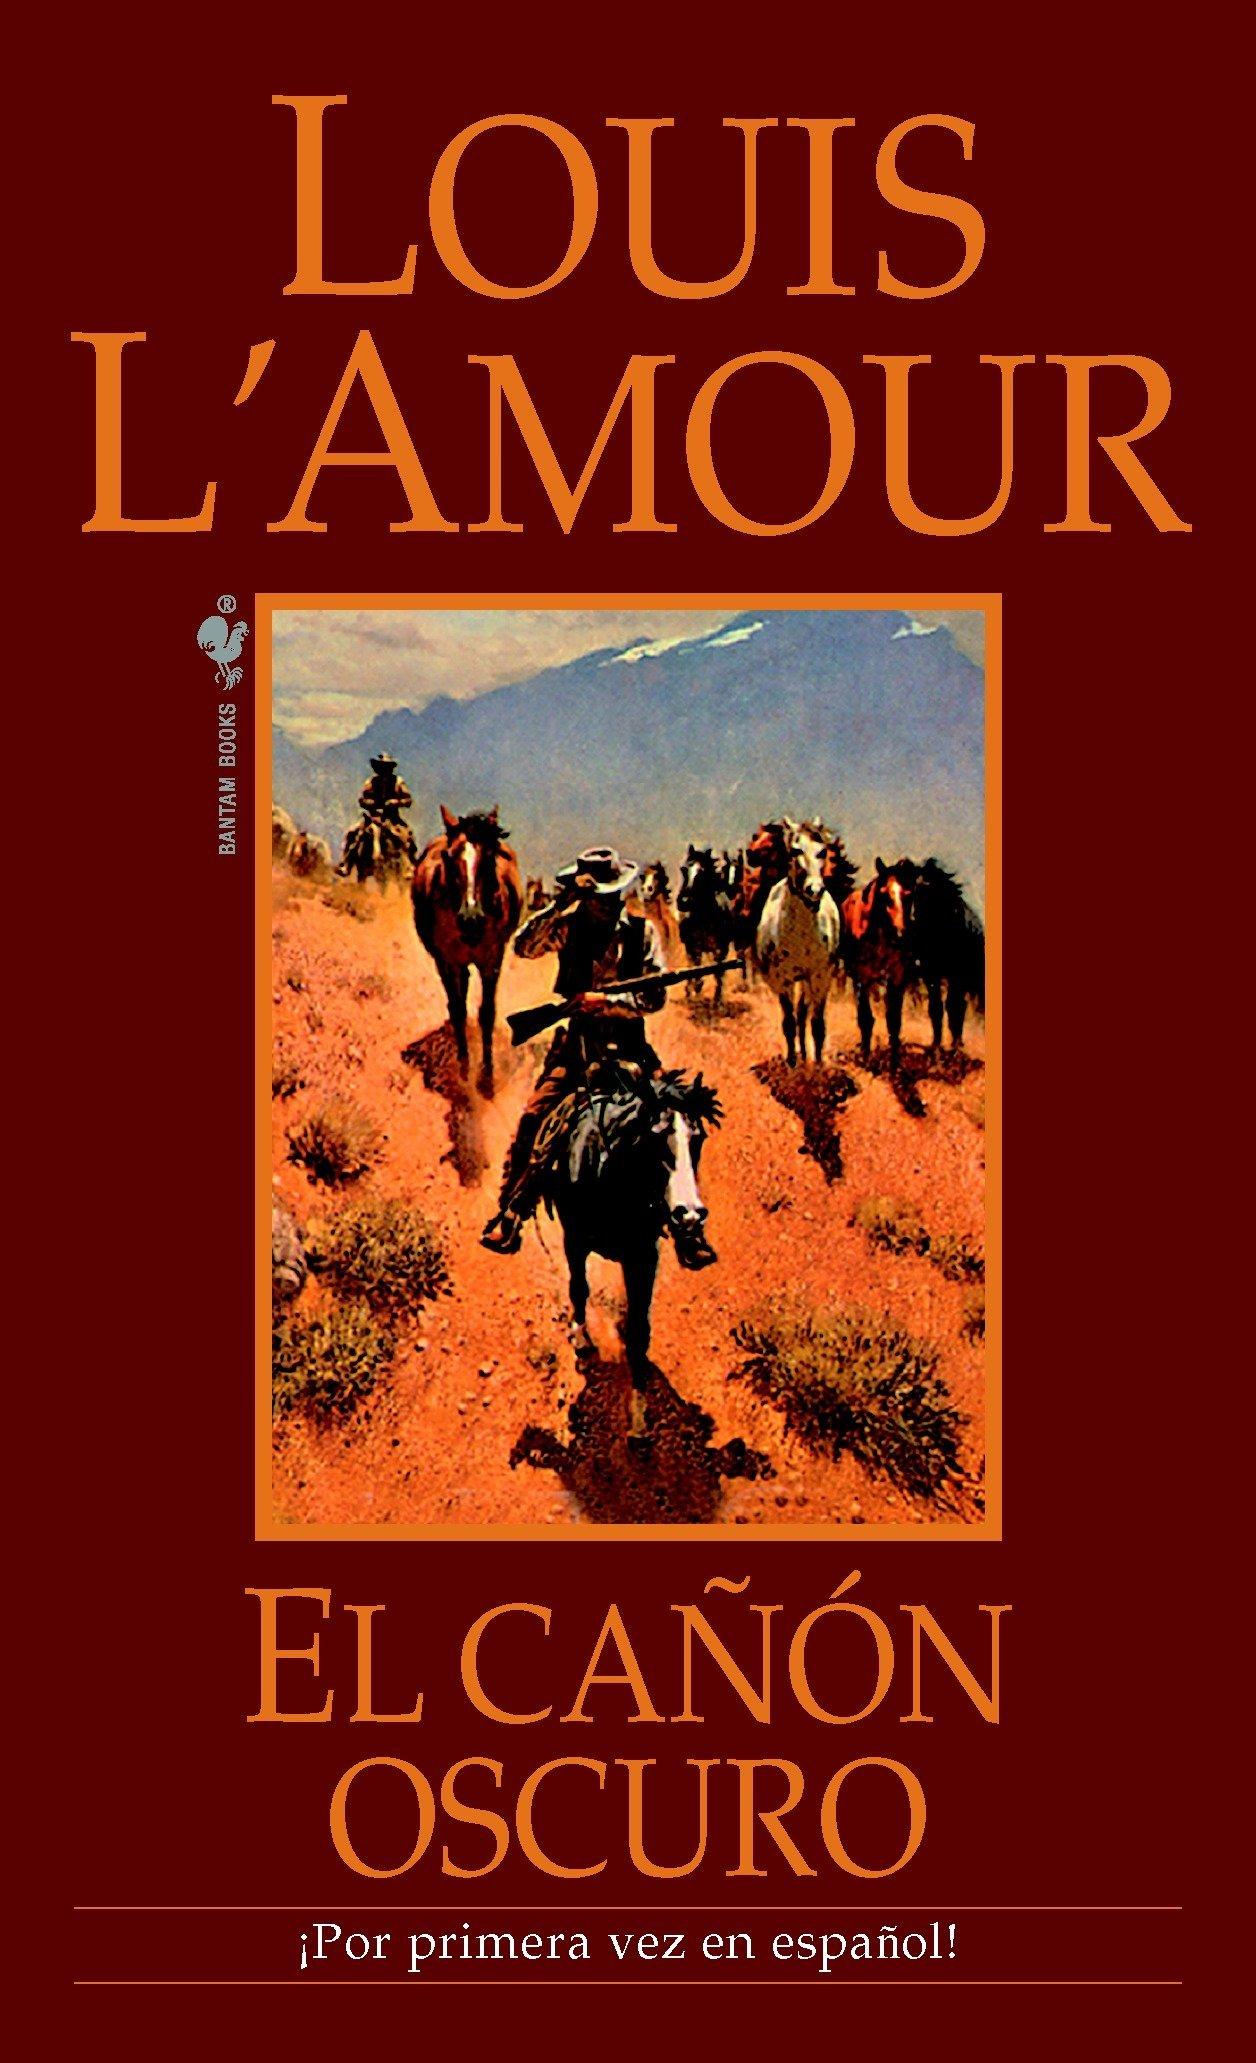 Amazon.com: El Canon Oscuro: Una novela (9780553591958): Louis LAmour: Books